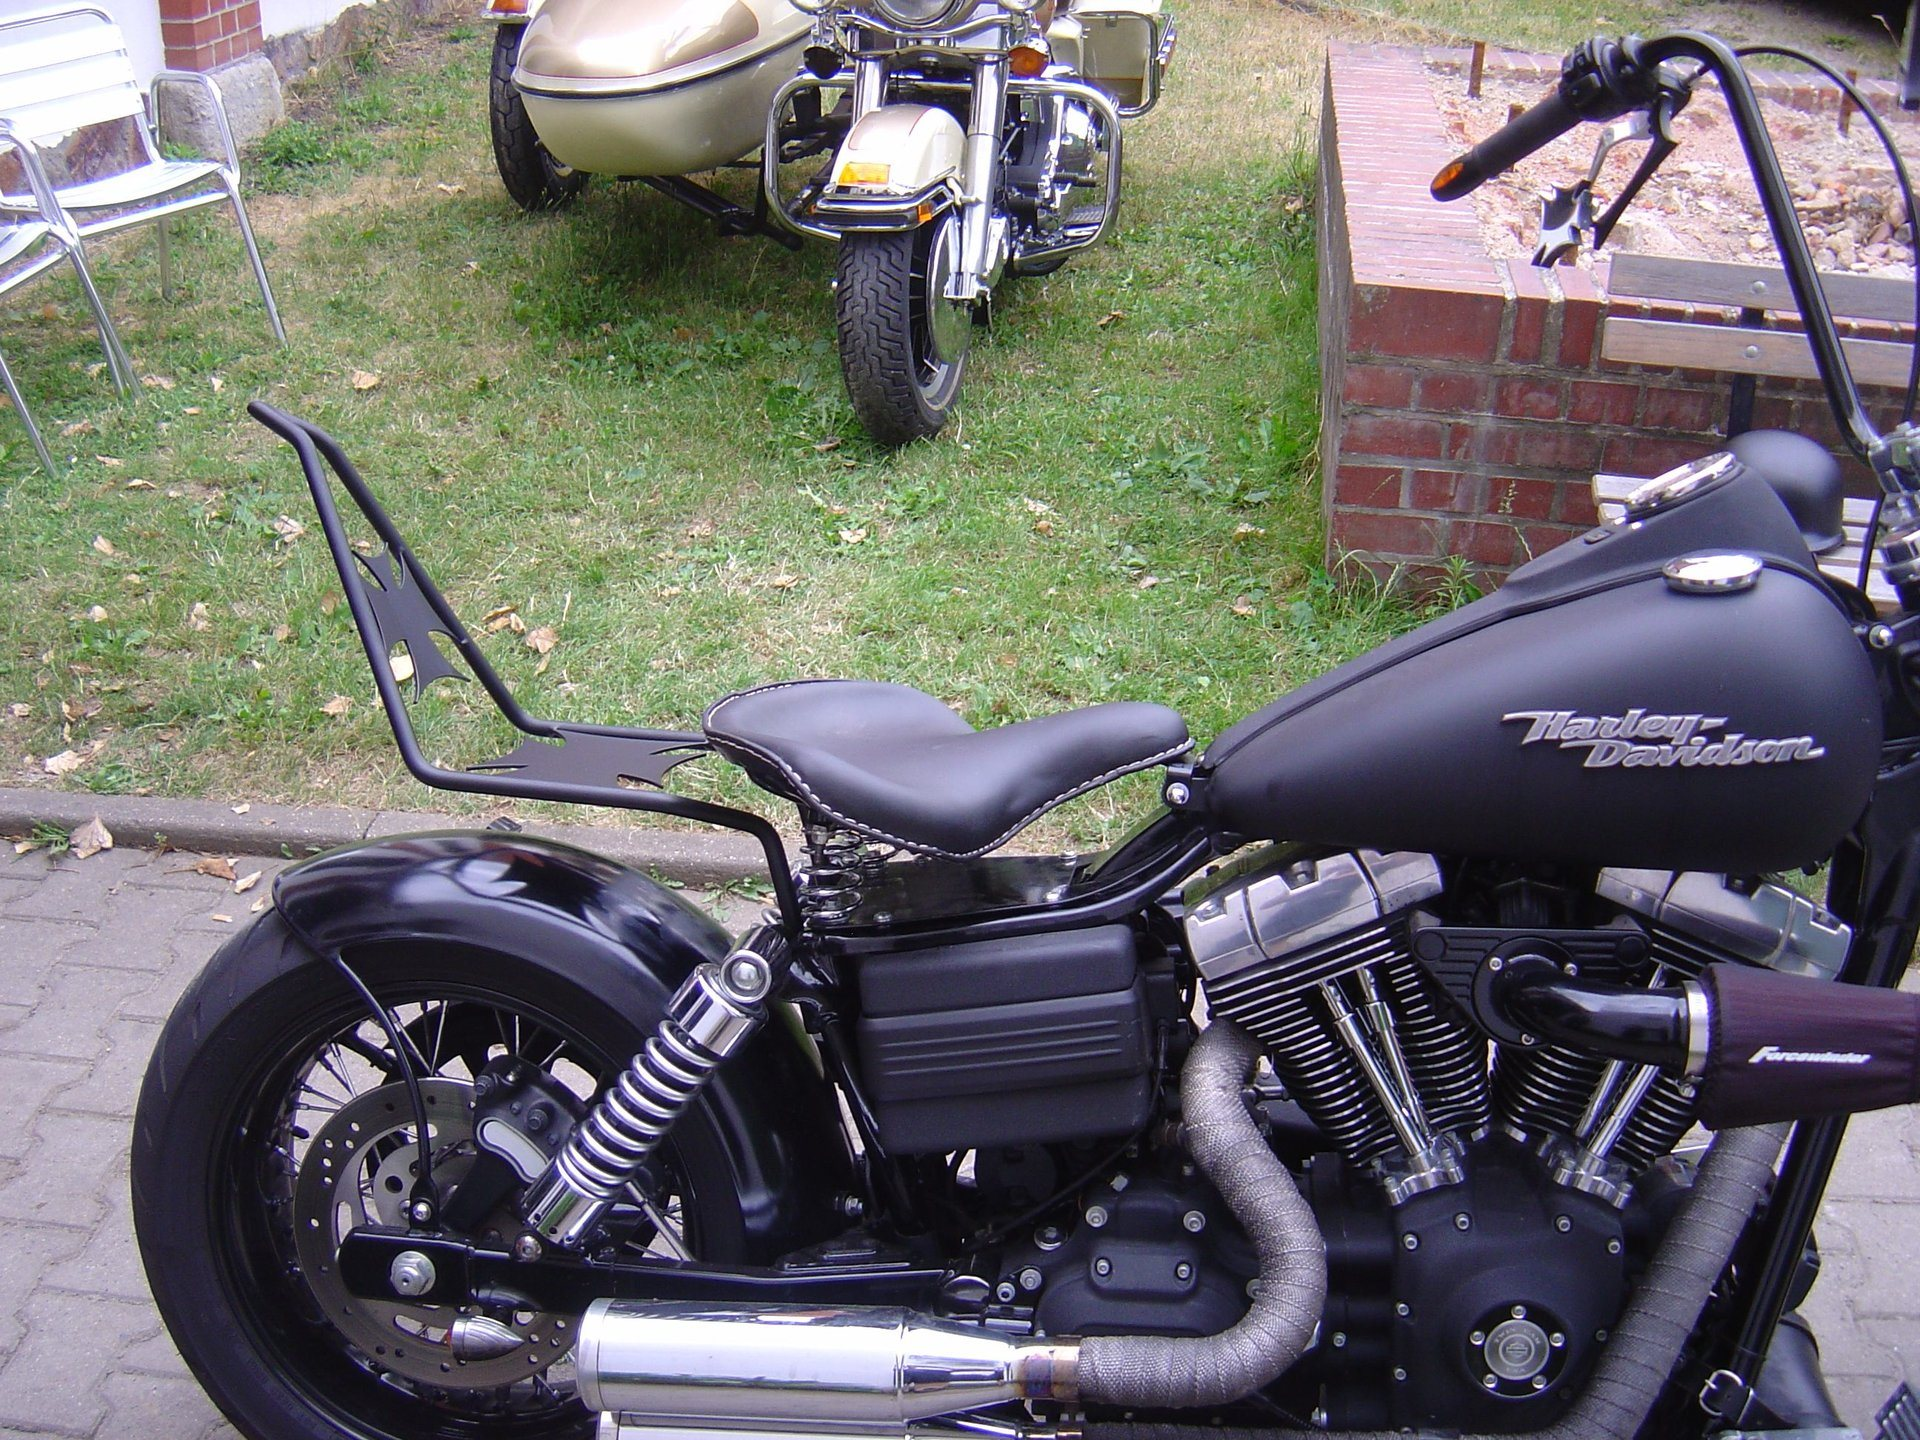 umgebautes motorrad harley davidson dyna super glide fxd von wild east motorcycles inh dirk. Black Bedroom Furniture Sets. Home Design Ideas